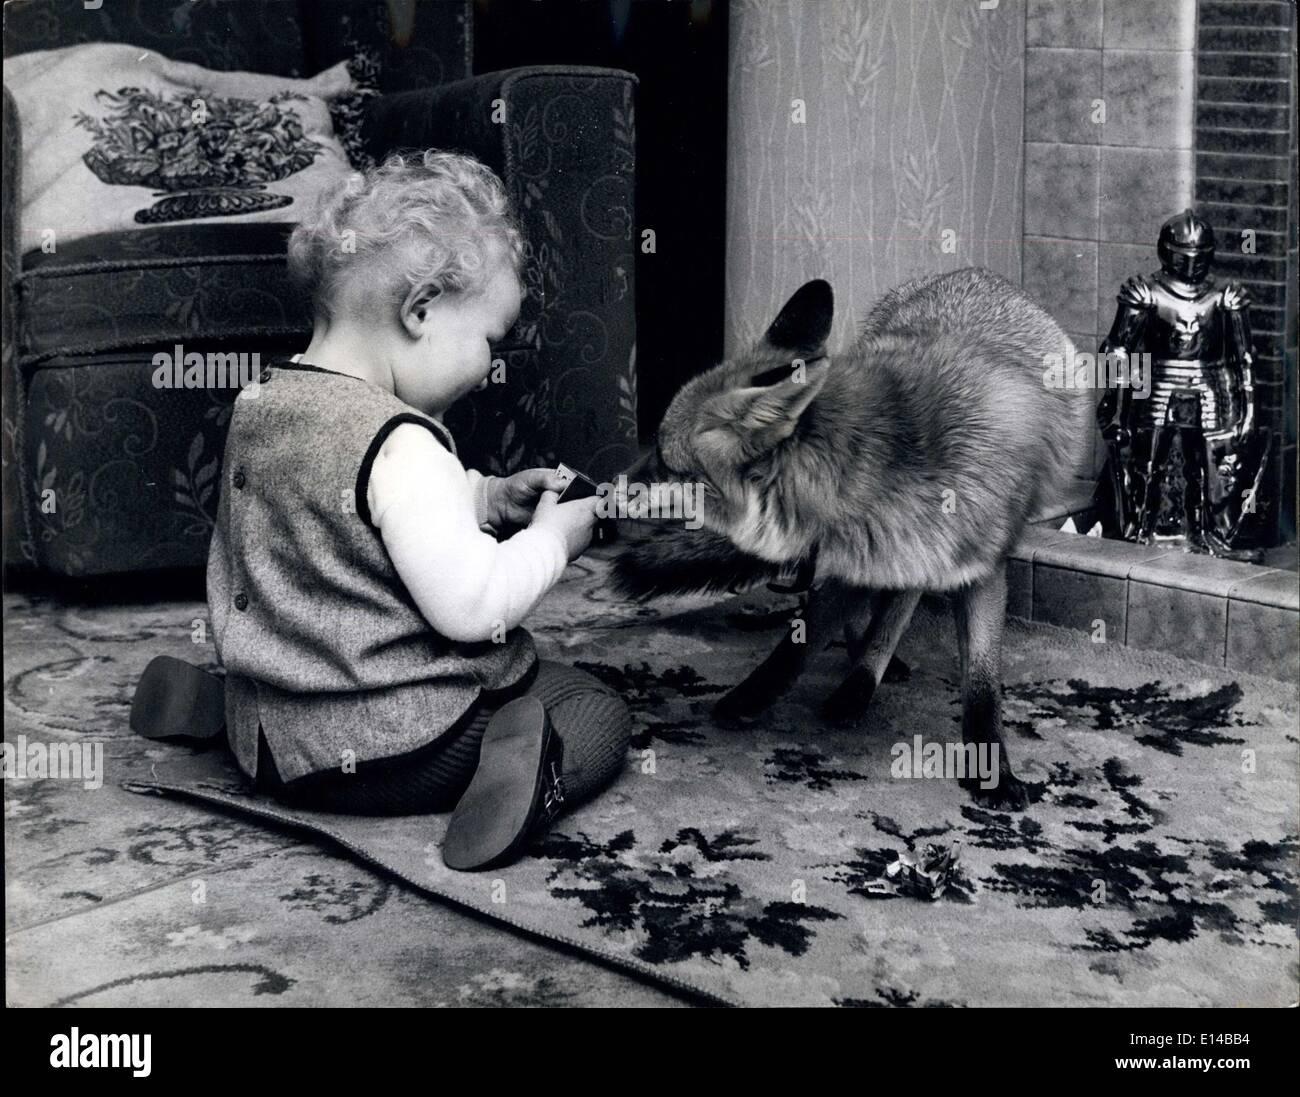 Abril 17, 2012 - Dos criaturas inquisitivo y Vanessa su favorito playmate Rusty el zorro. Imagen De Stock